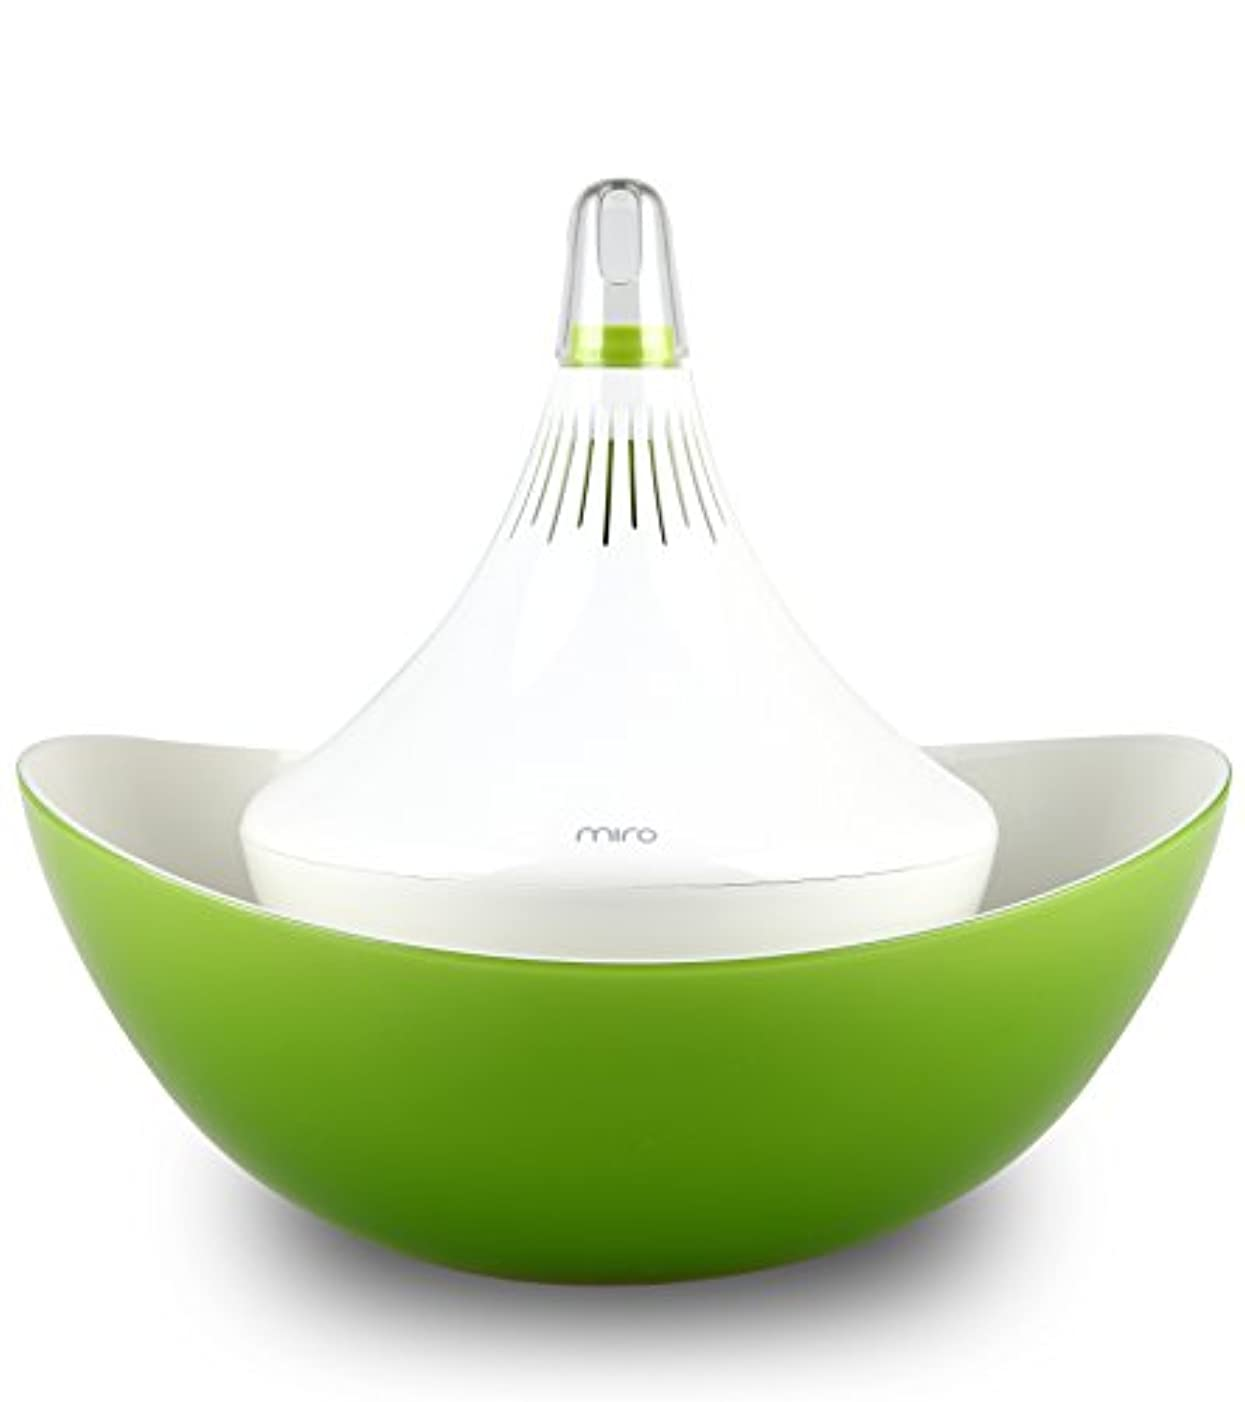 ノート近く調停者Miro CleanPot Cool-Mist Humidifier and Aroma Oil Diffuser - (Bowl included) by Miro